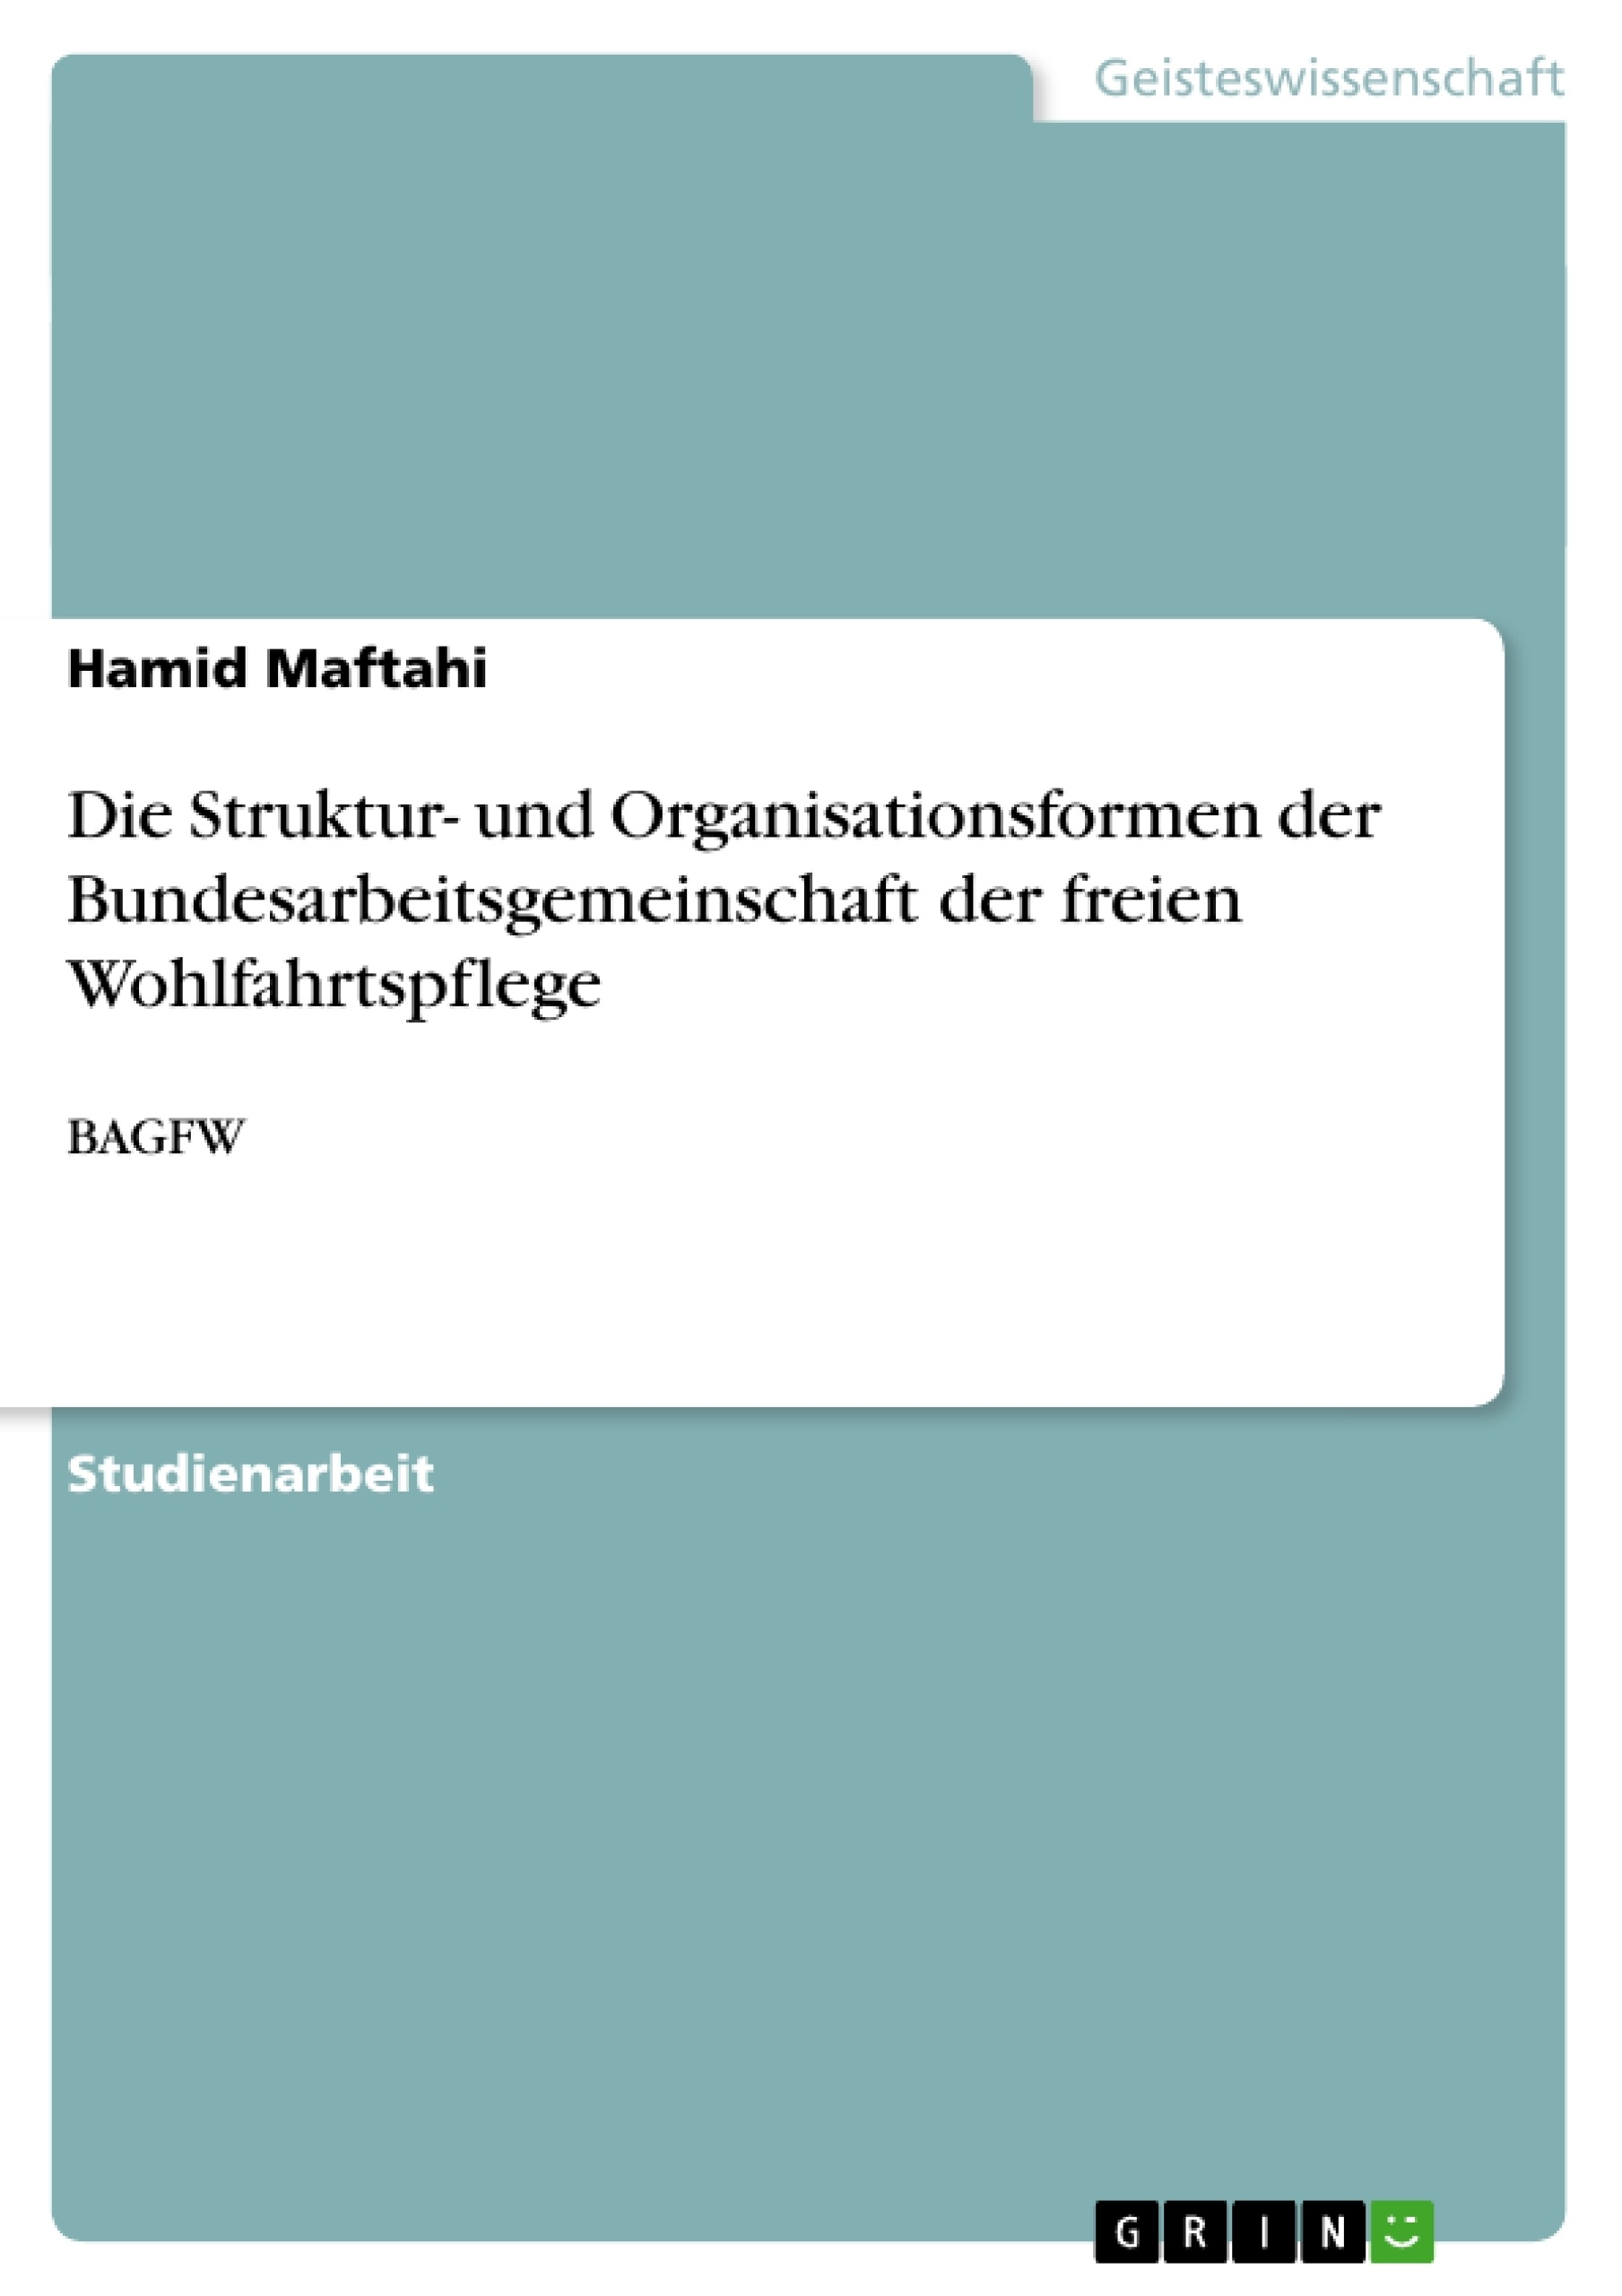 Titel: Die Struktur- und Organisationsformen der Bundesarbeitsgemeinschaft der  freien Wohlfahrtspflege